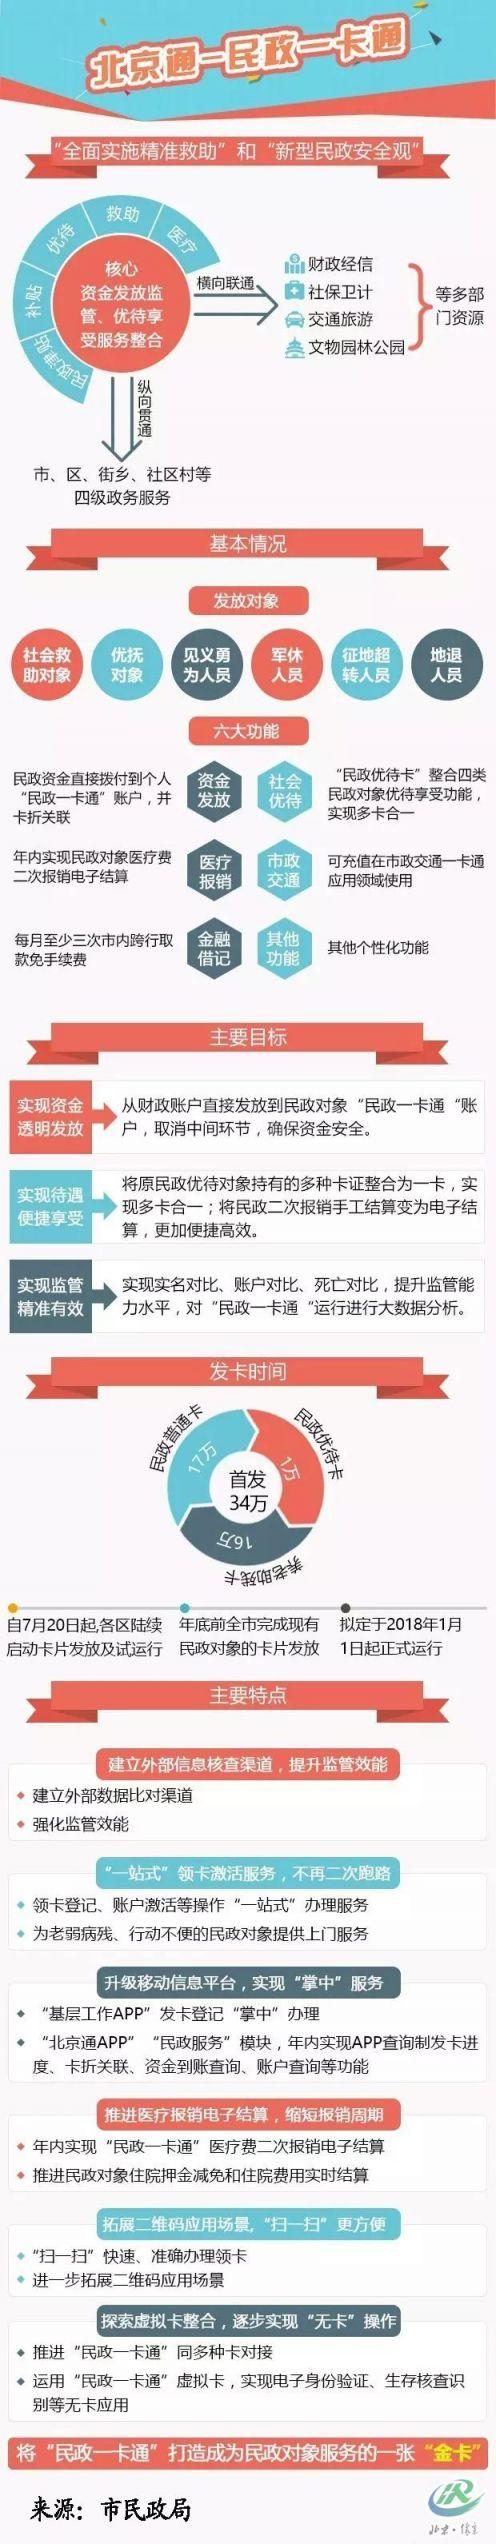 """图解""""北京通-民政一卡通""""管理办法.jpg"""